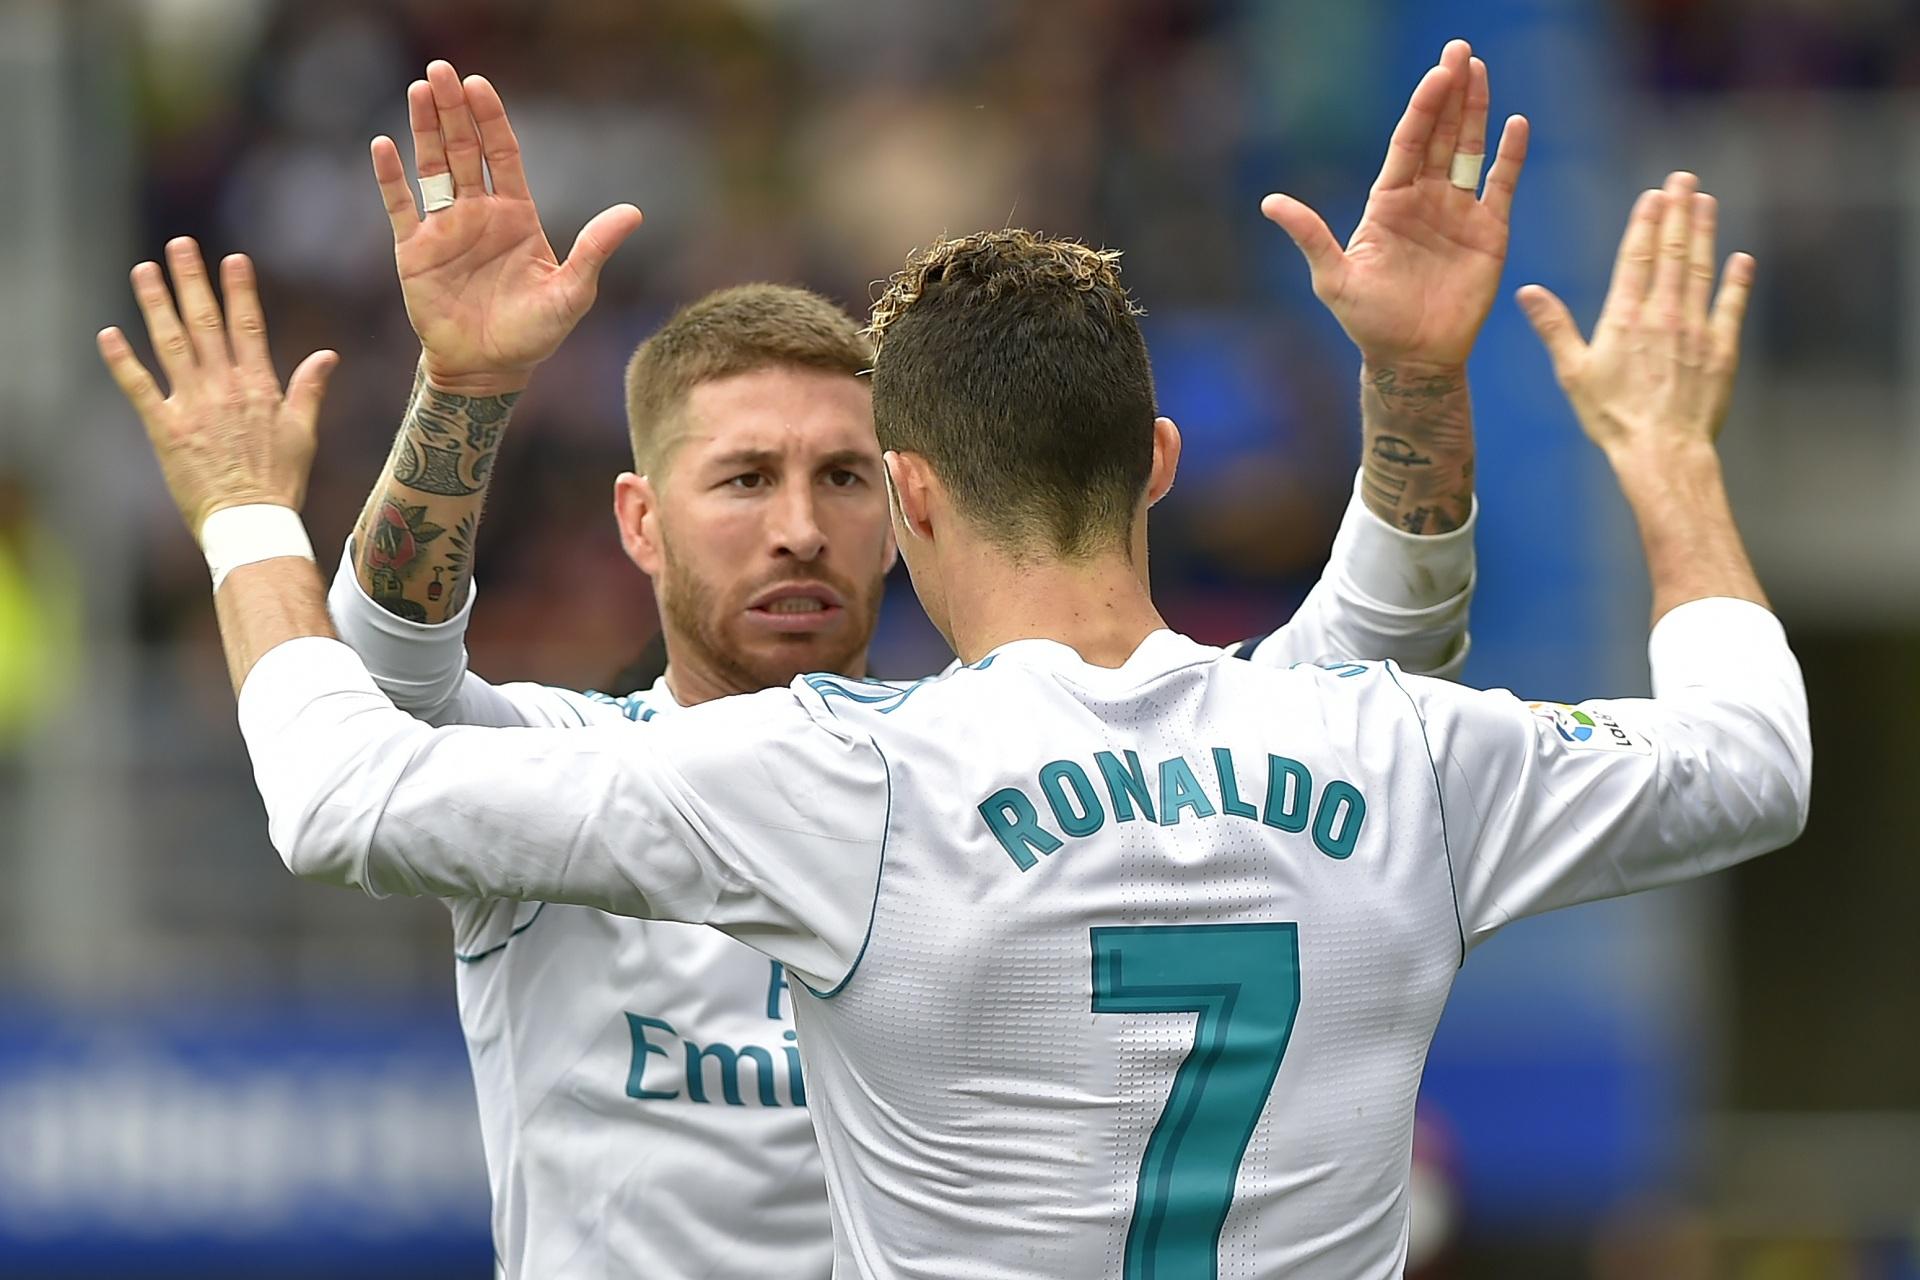 Real Madrid aceita aumentar salário de Cristiano Ronaldo; saiba o valor